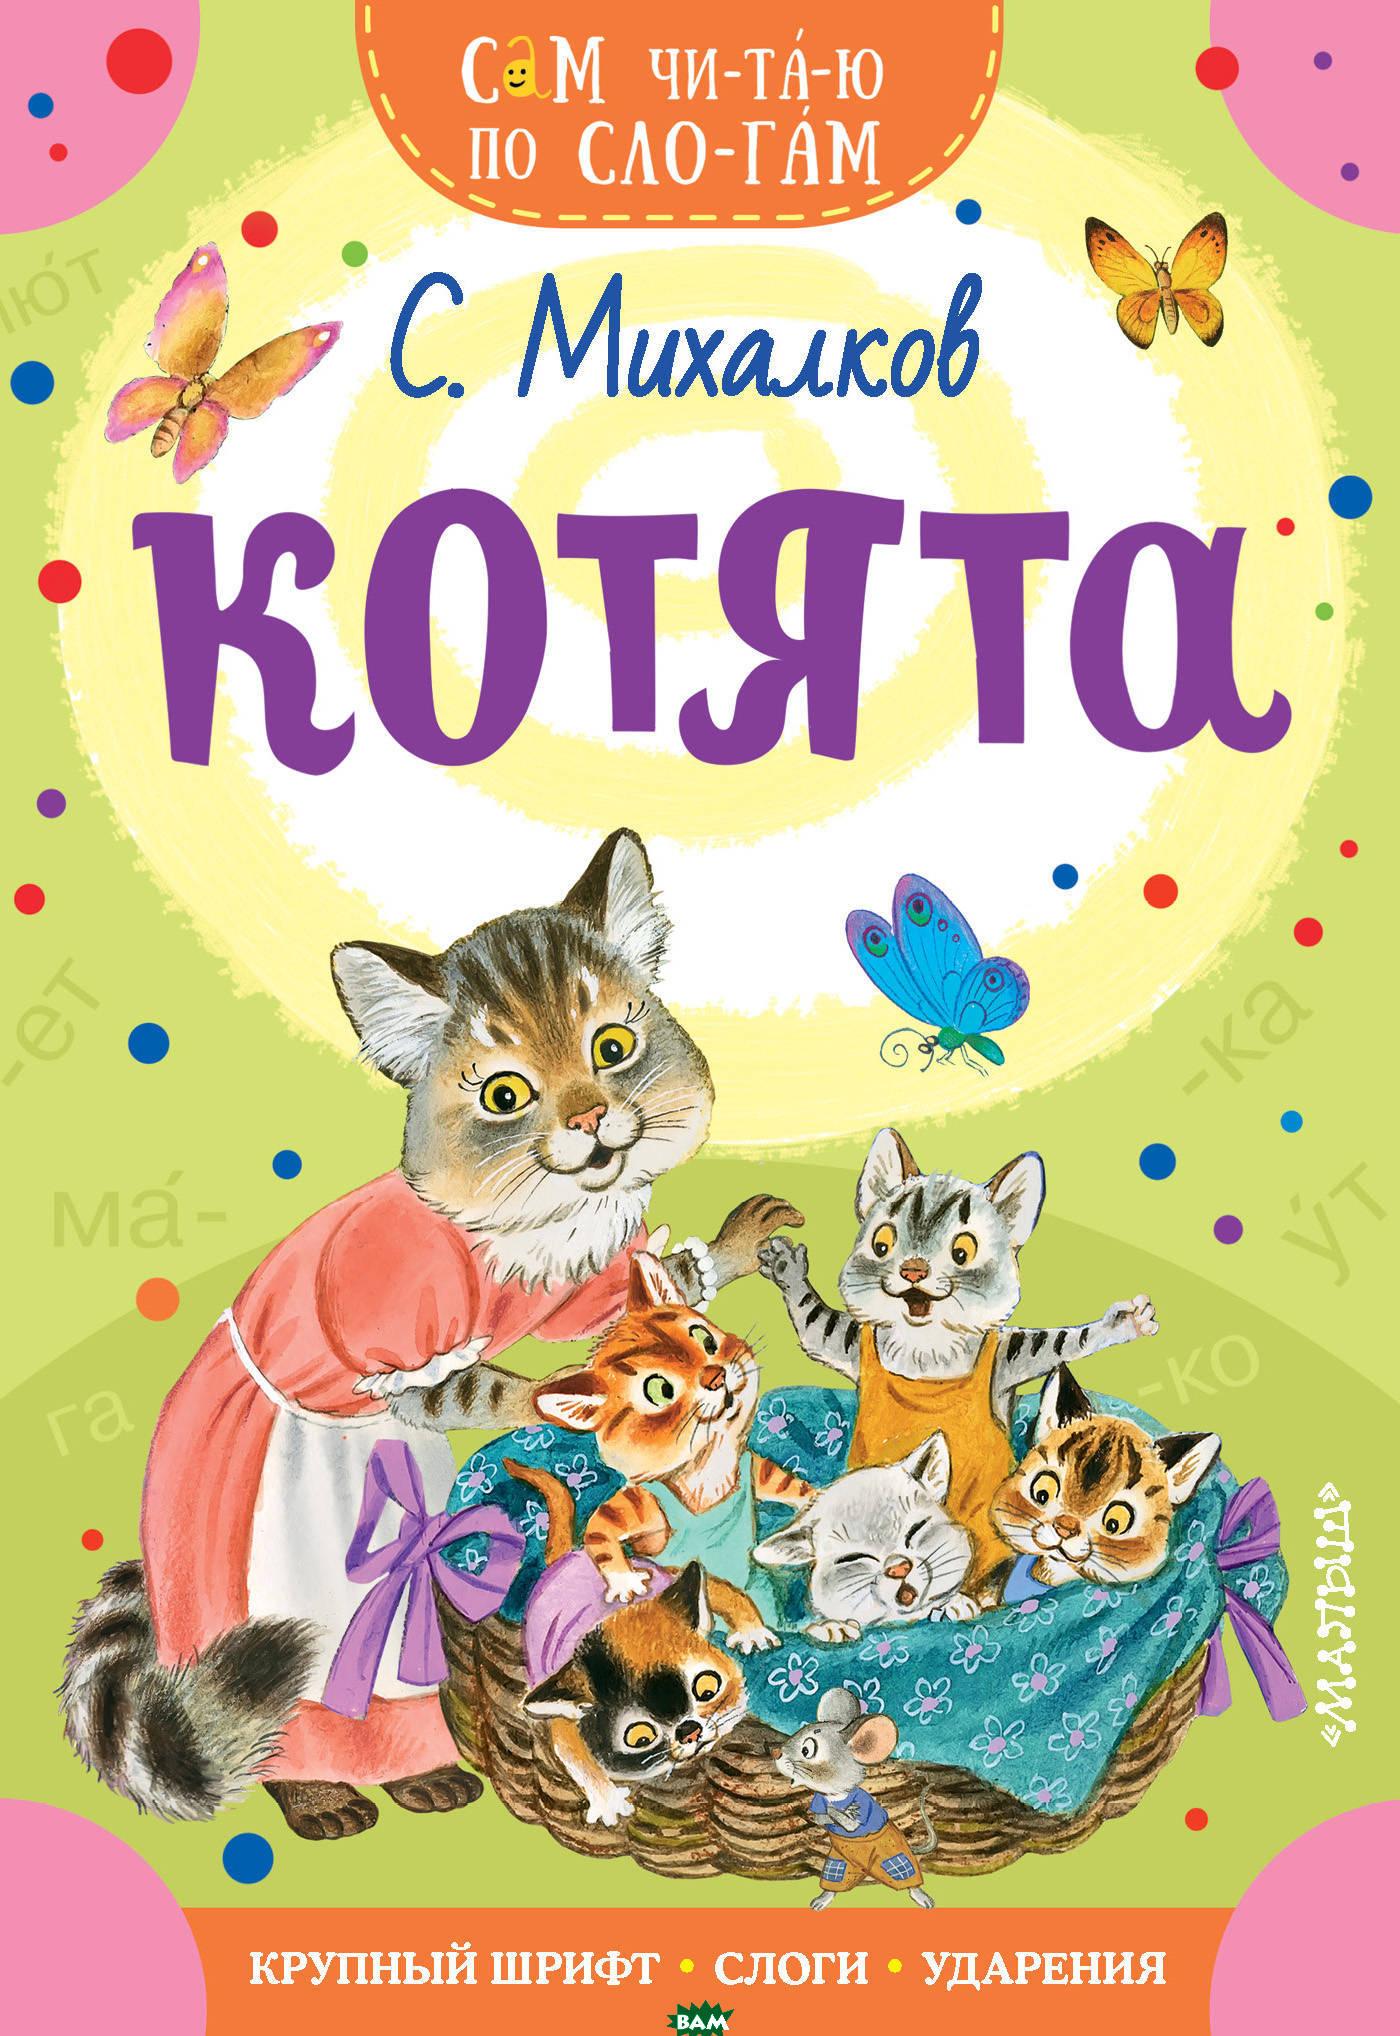 Купить Котята, ИЗДАТЕЛЬСТВО`АСТ`, С. Михалков, 978-5-17-114042-7